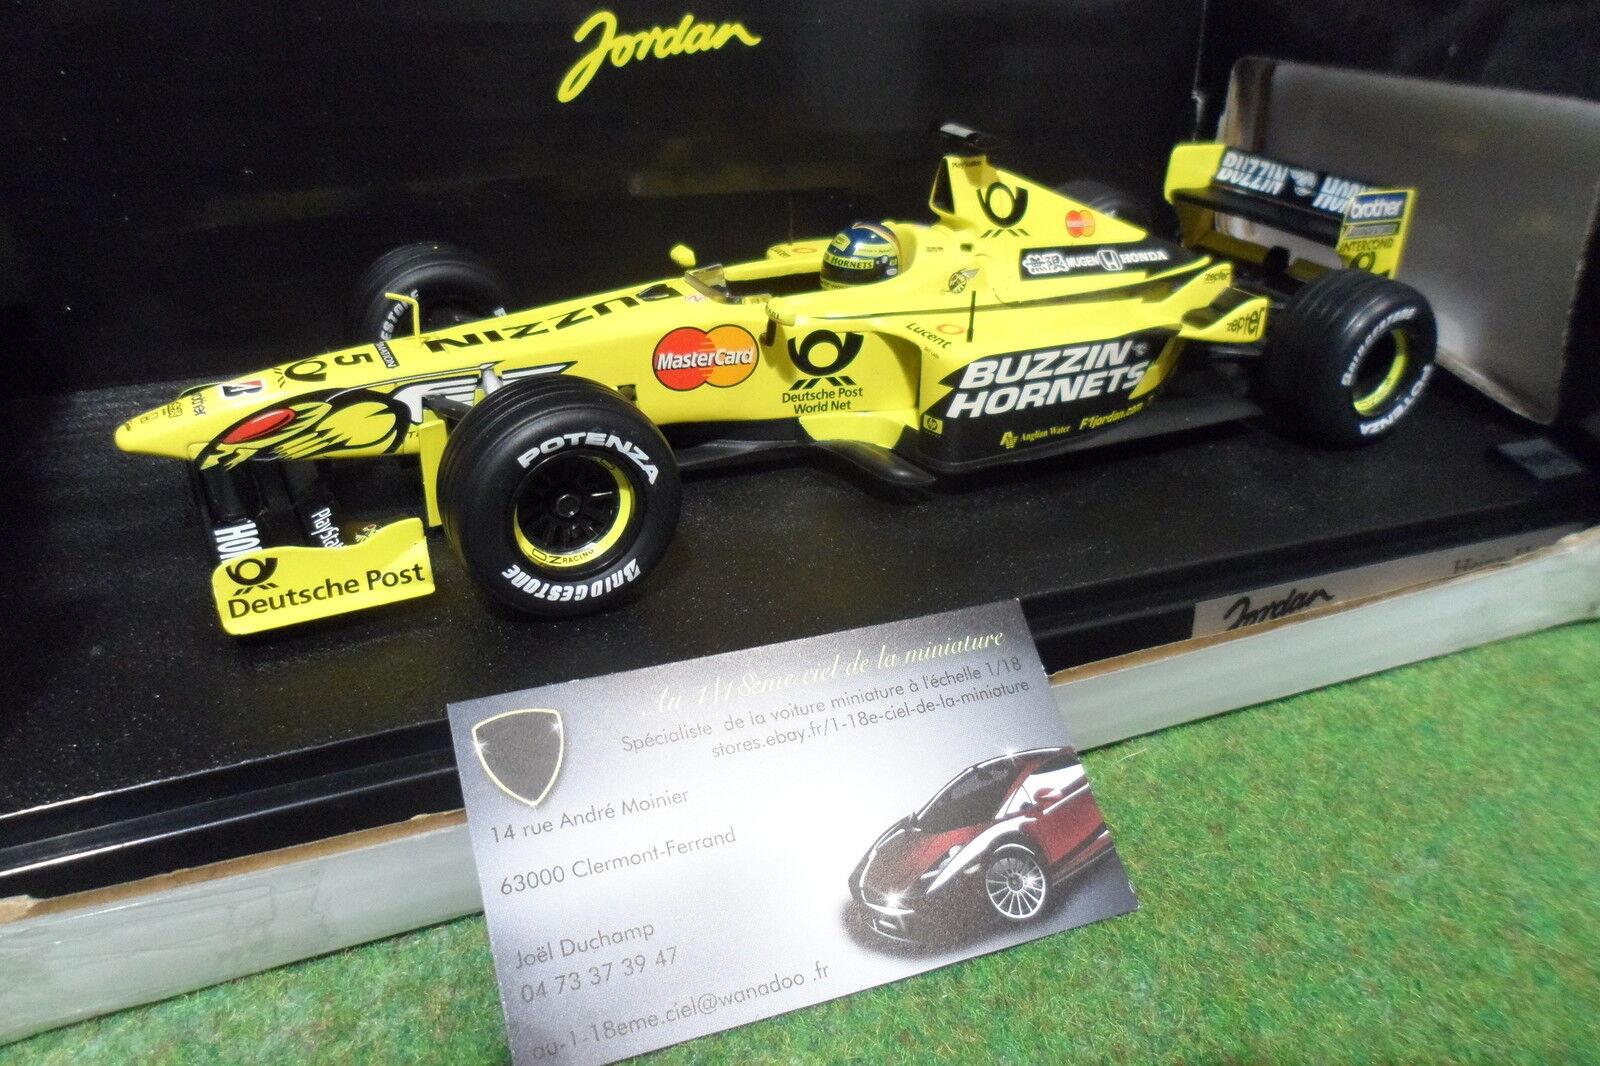 F1 JORDAN HONDA EJ10 FRENTZEN 1 18 caliente ruedaS 26743 formule 1 voiture miniature